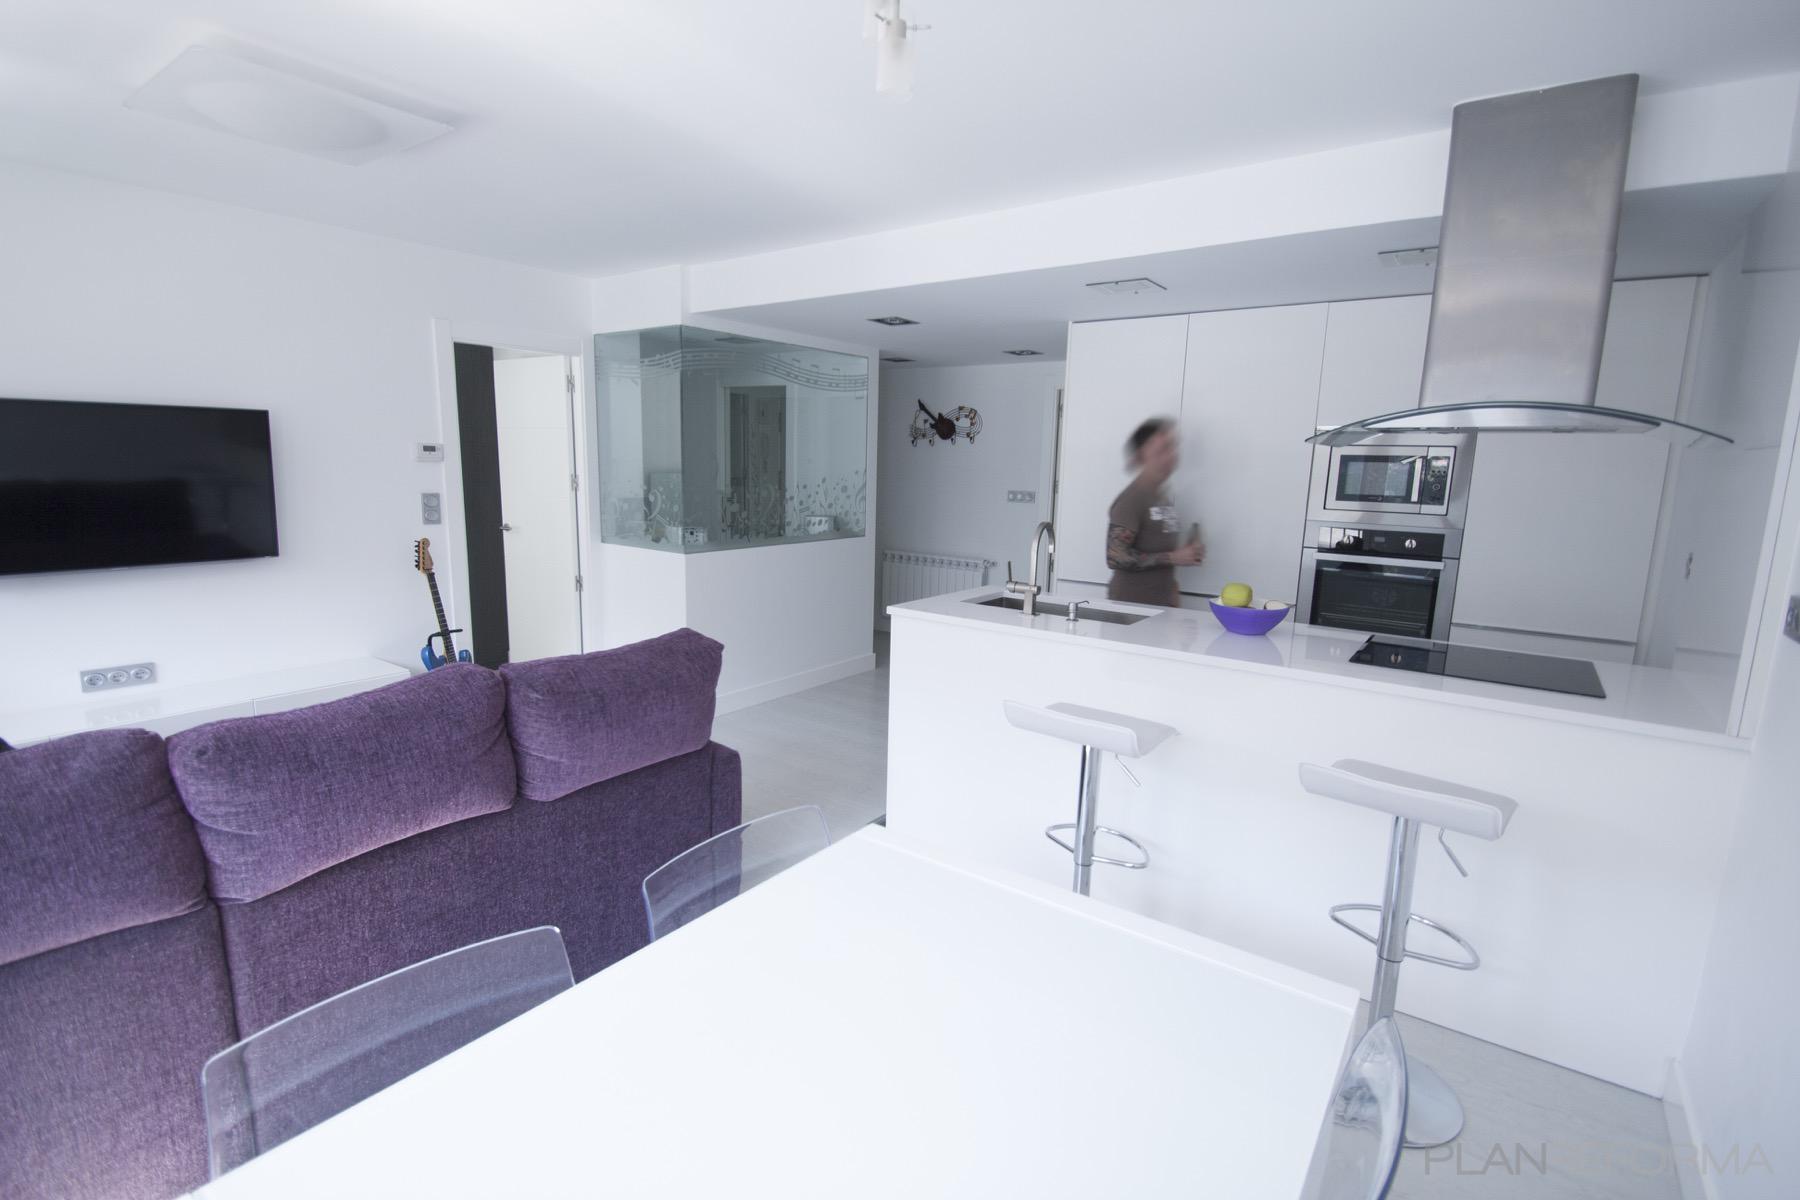 Comedor cocina salon estilo moderno color violeta for Cocina estilo moderno